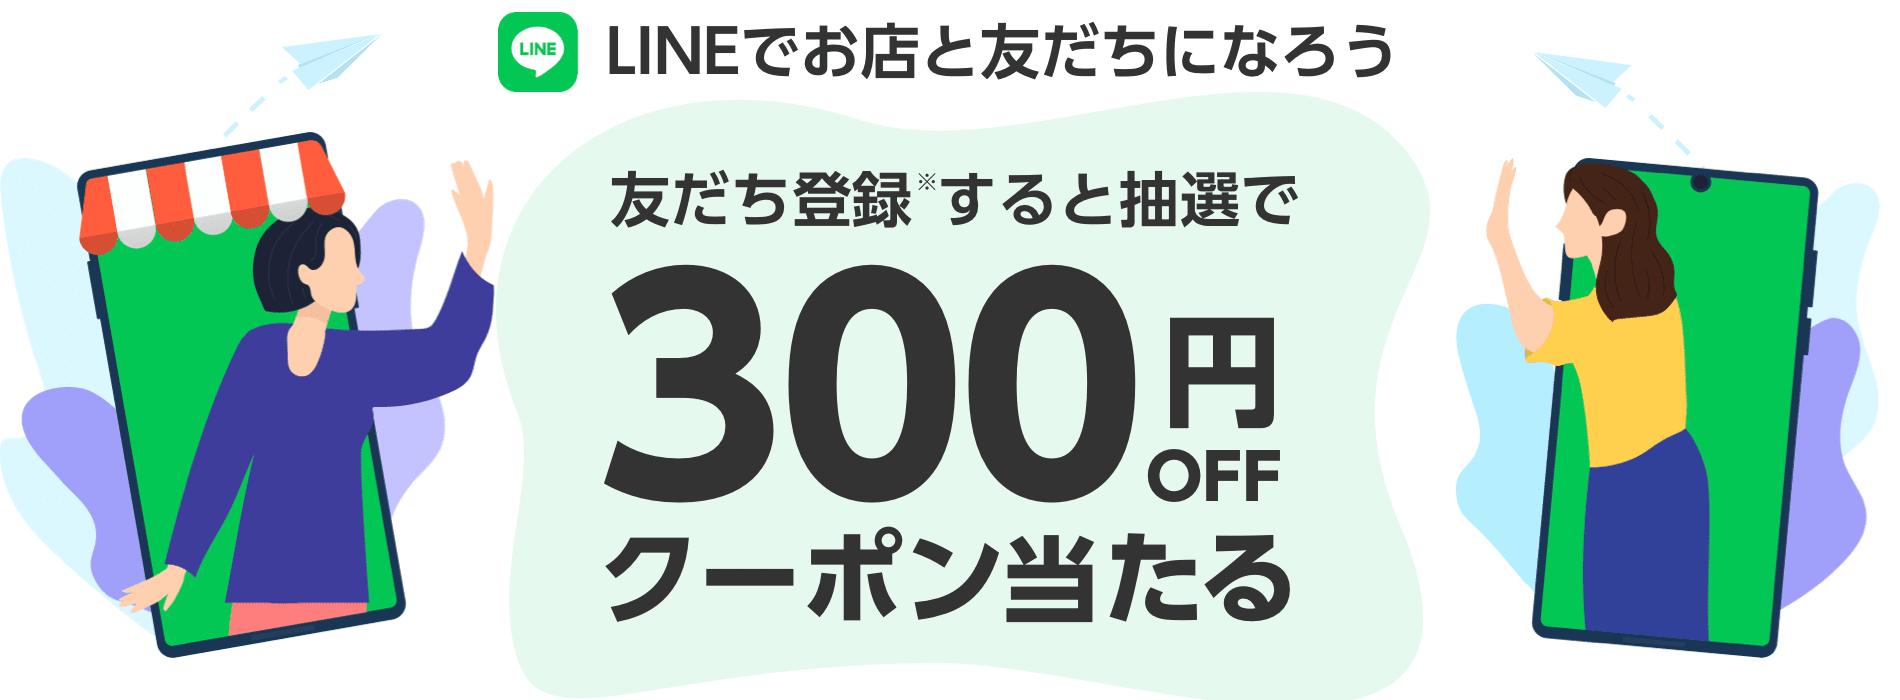 Yaoo!ショッピング・PayPayモール出店ストアLINE公式アカウント追加で300円分クーポンが当たる。9/6~。